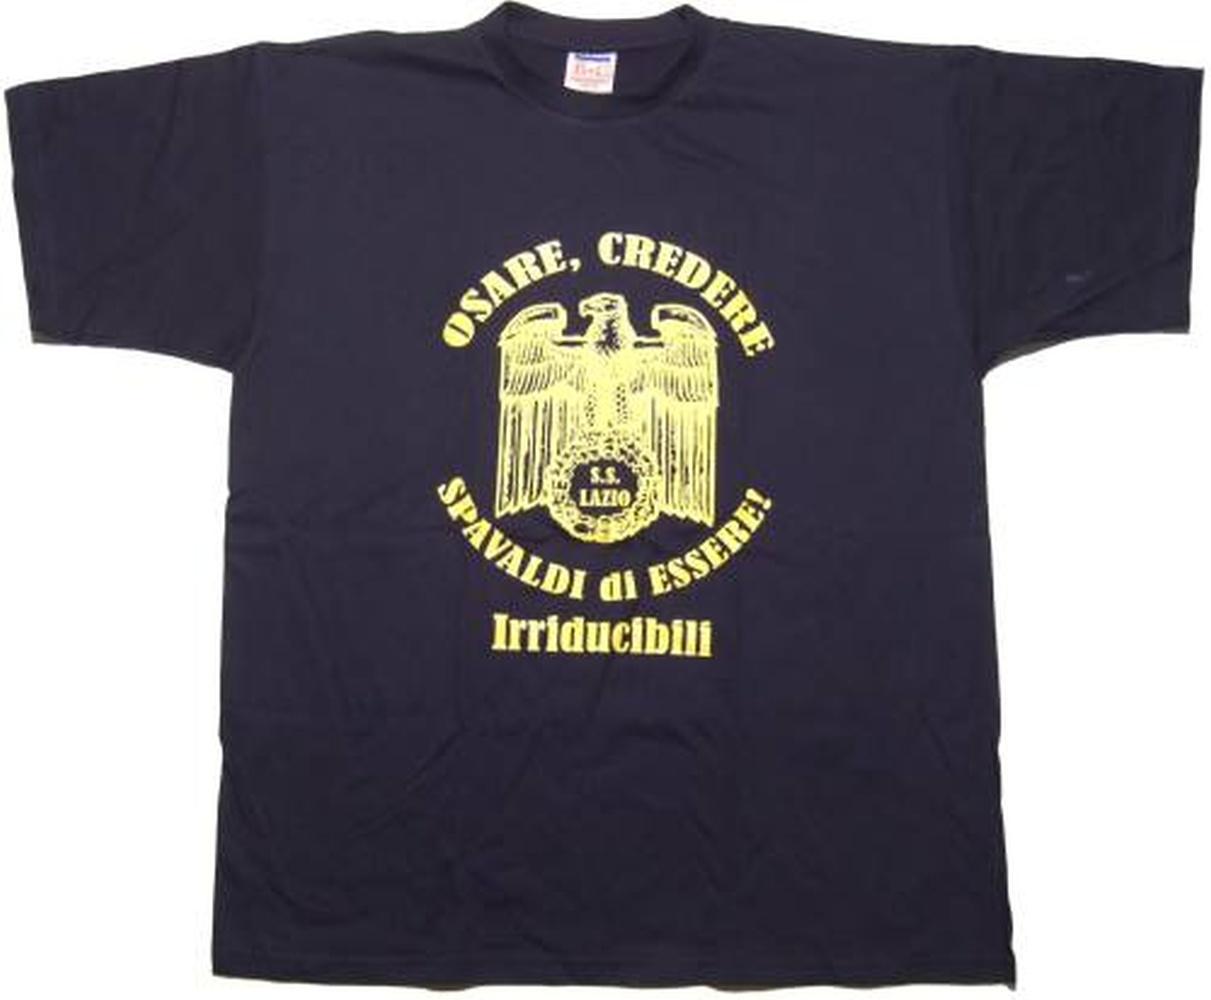 T shirt lazio r osare credere 3 halbzeit shop for Irriducibili shop